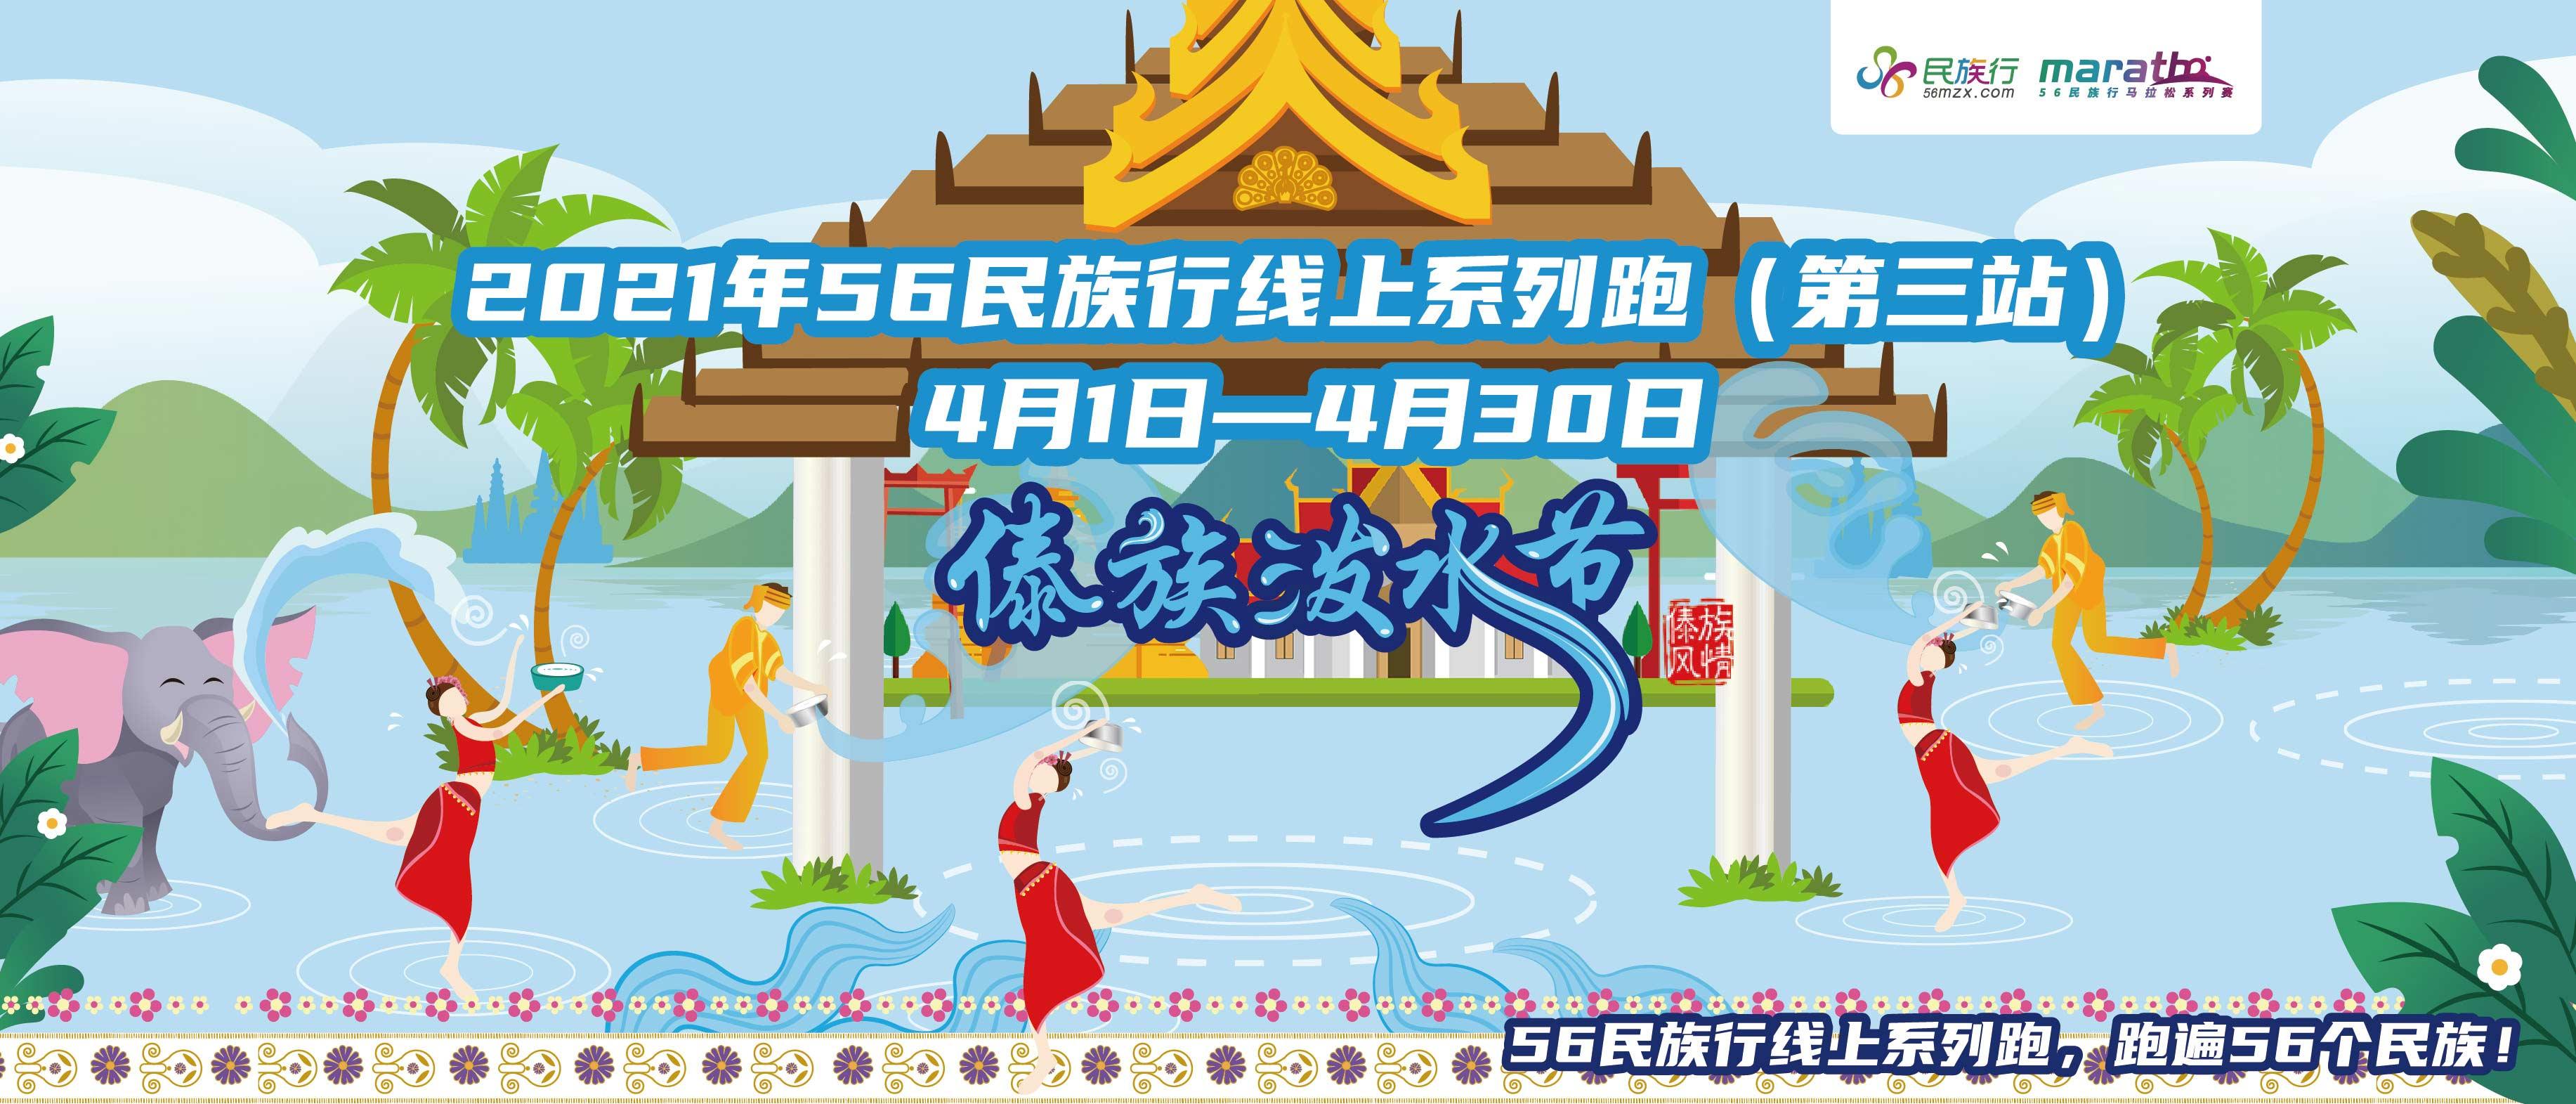 2021年56民族行线上赛傣族泼水节第三站